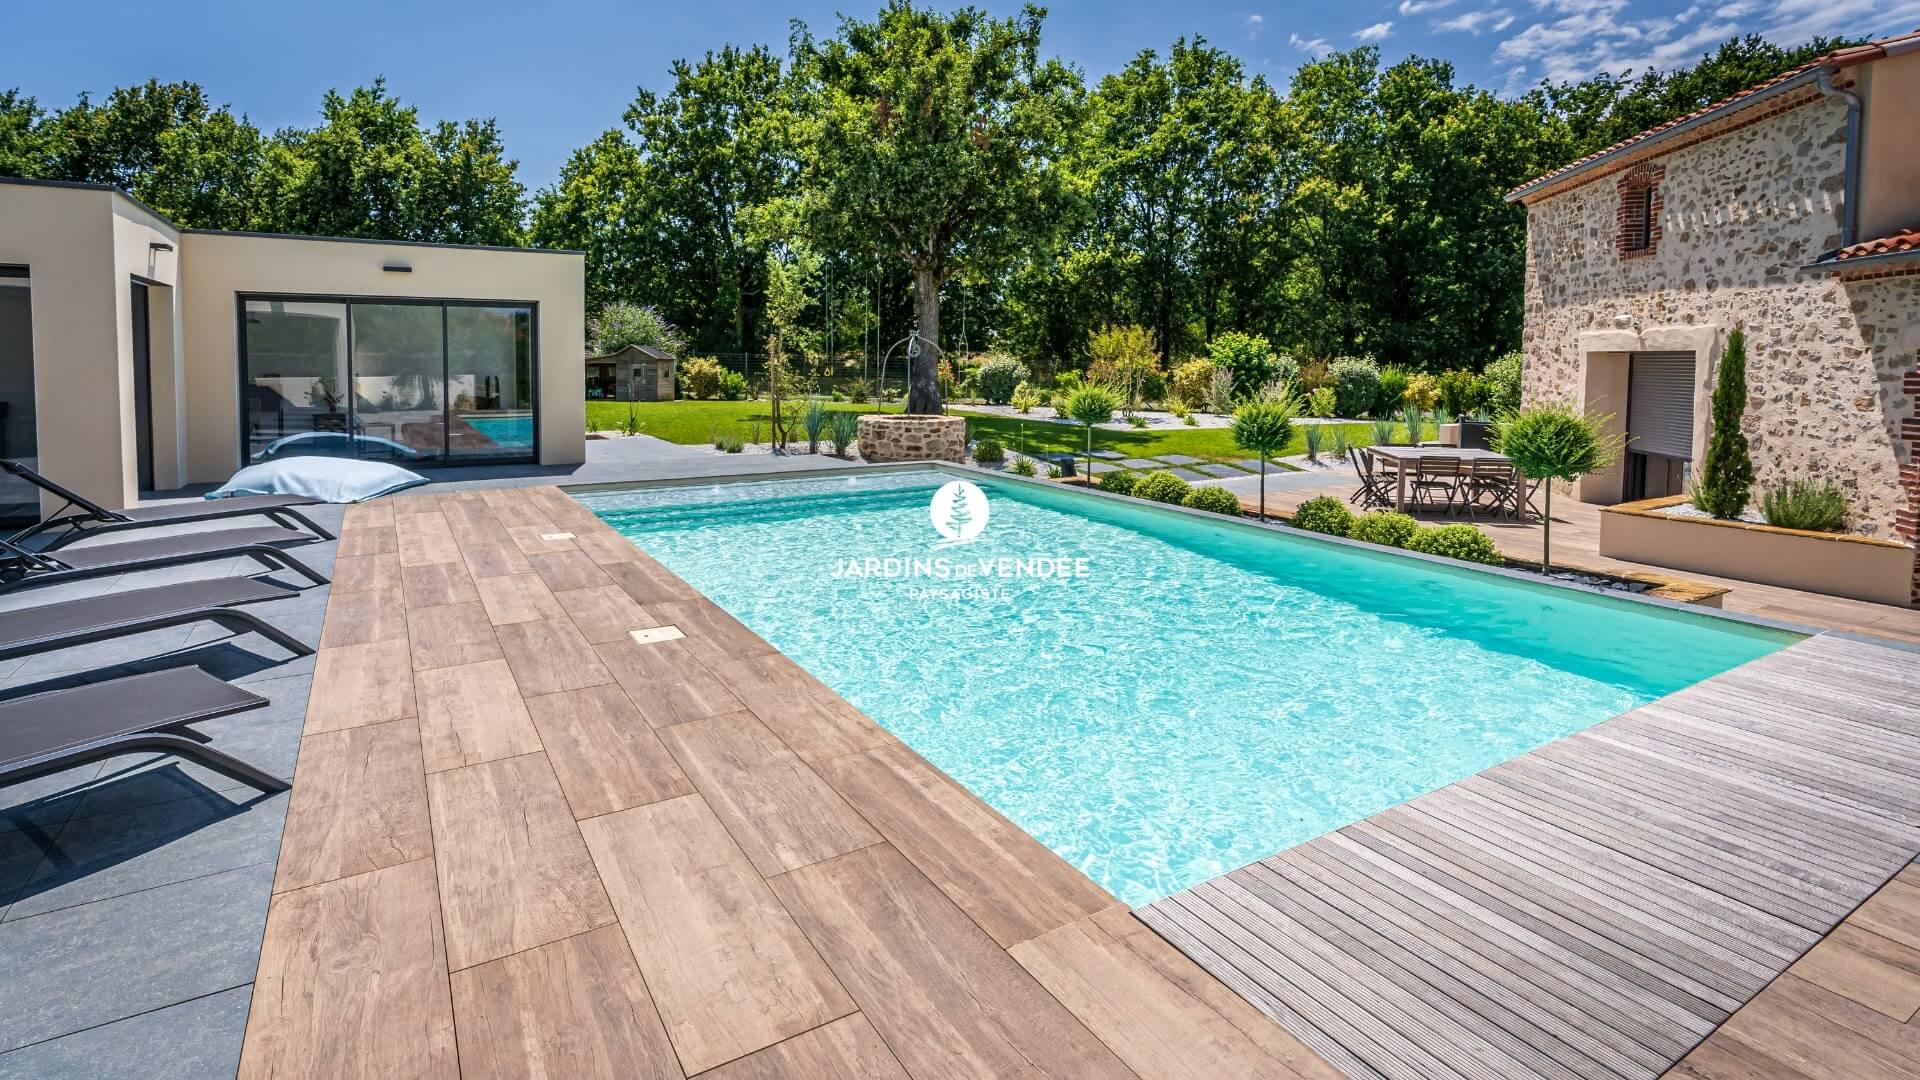 jardins-de-vendee-realisations-piscines-bassins(24)